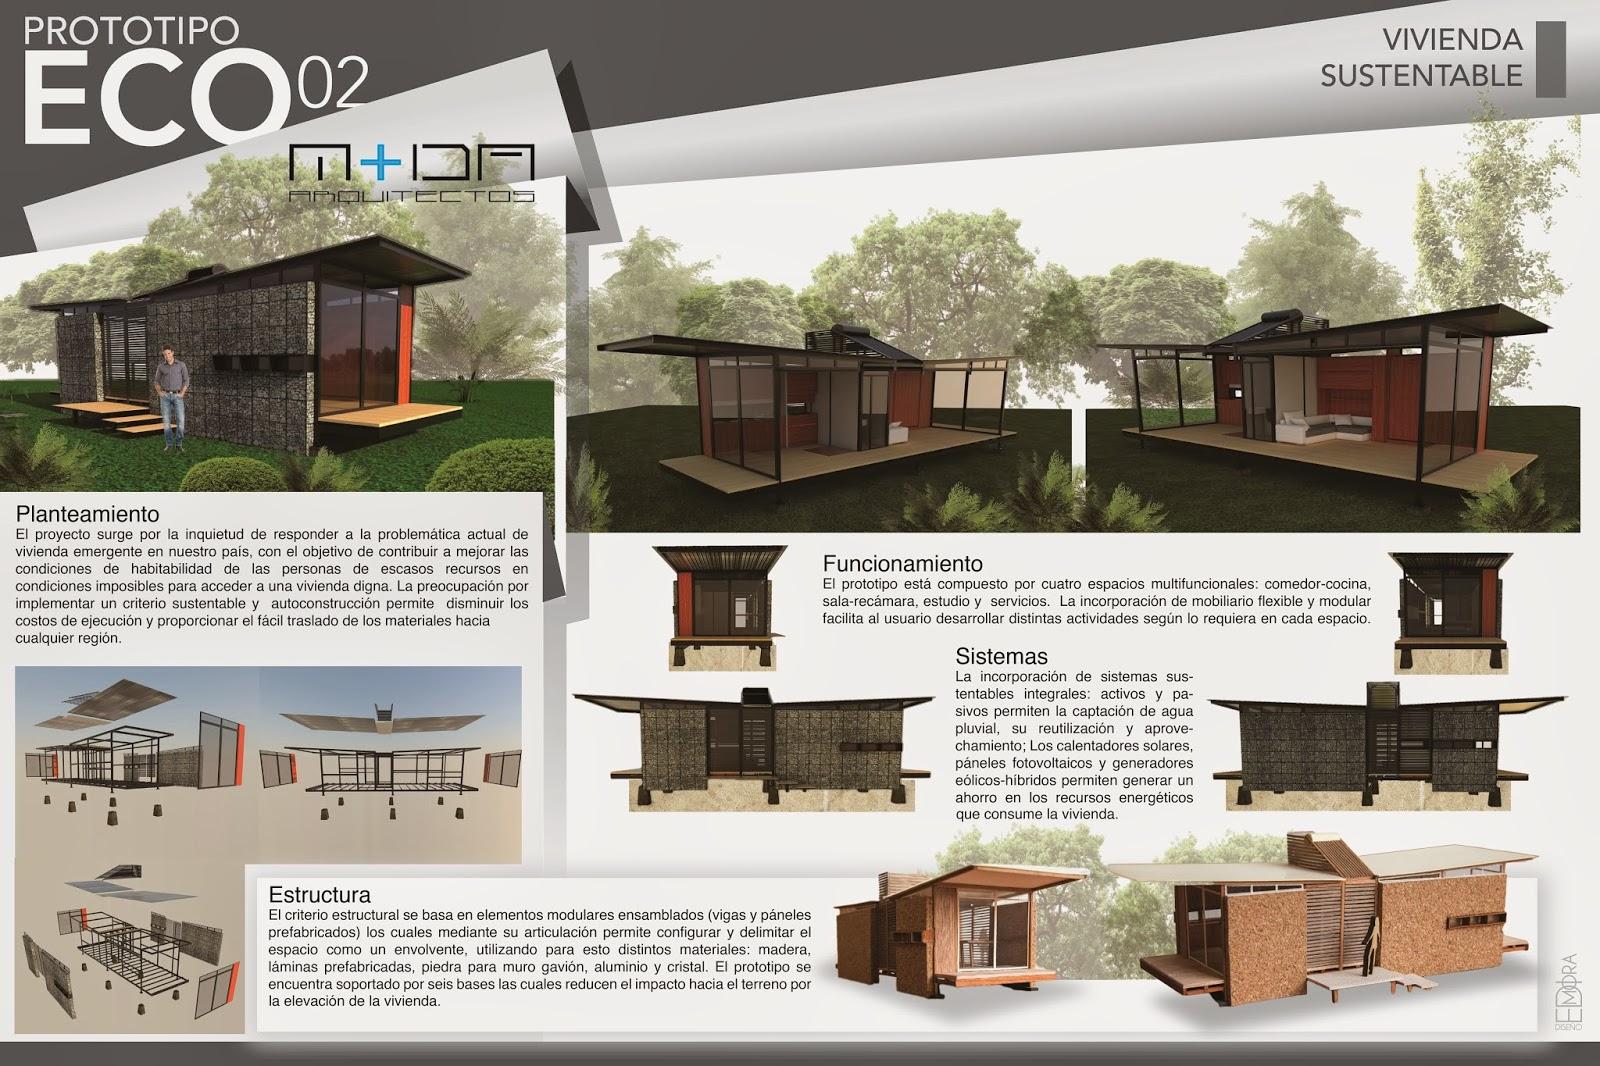 Apuntes revista digital de arquitectura mercado de for Vivienda arquitectura